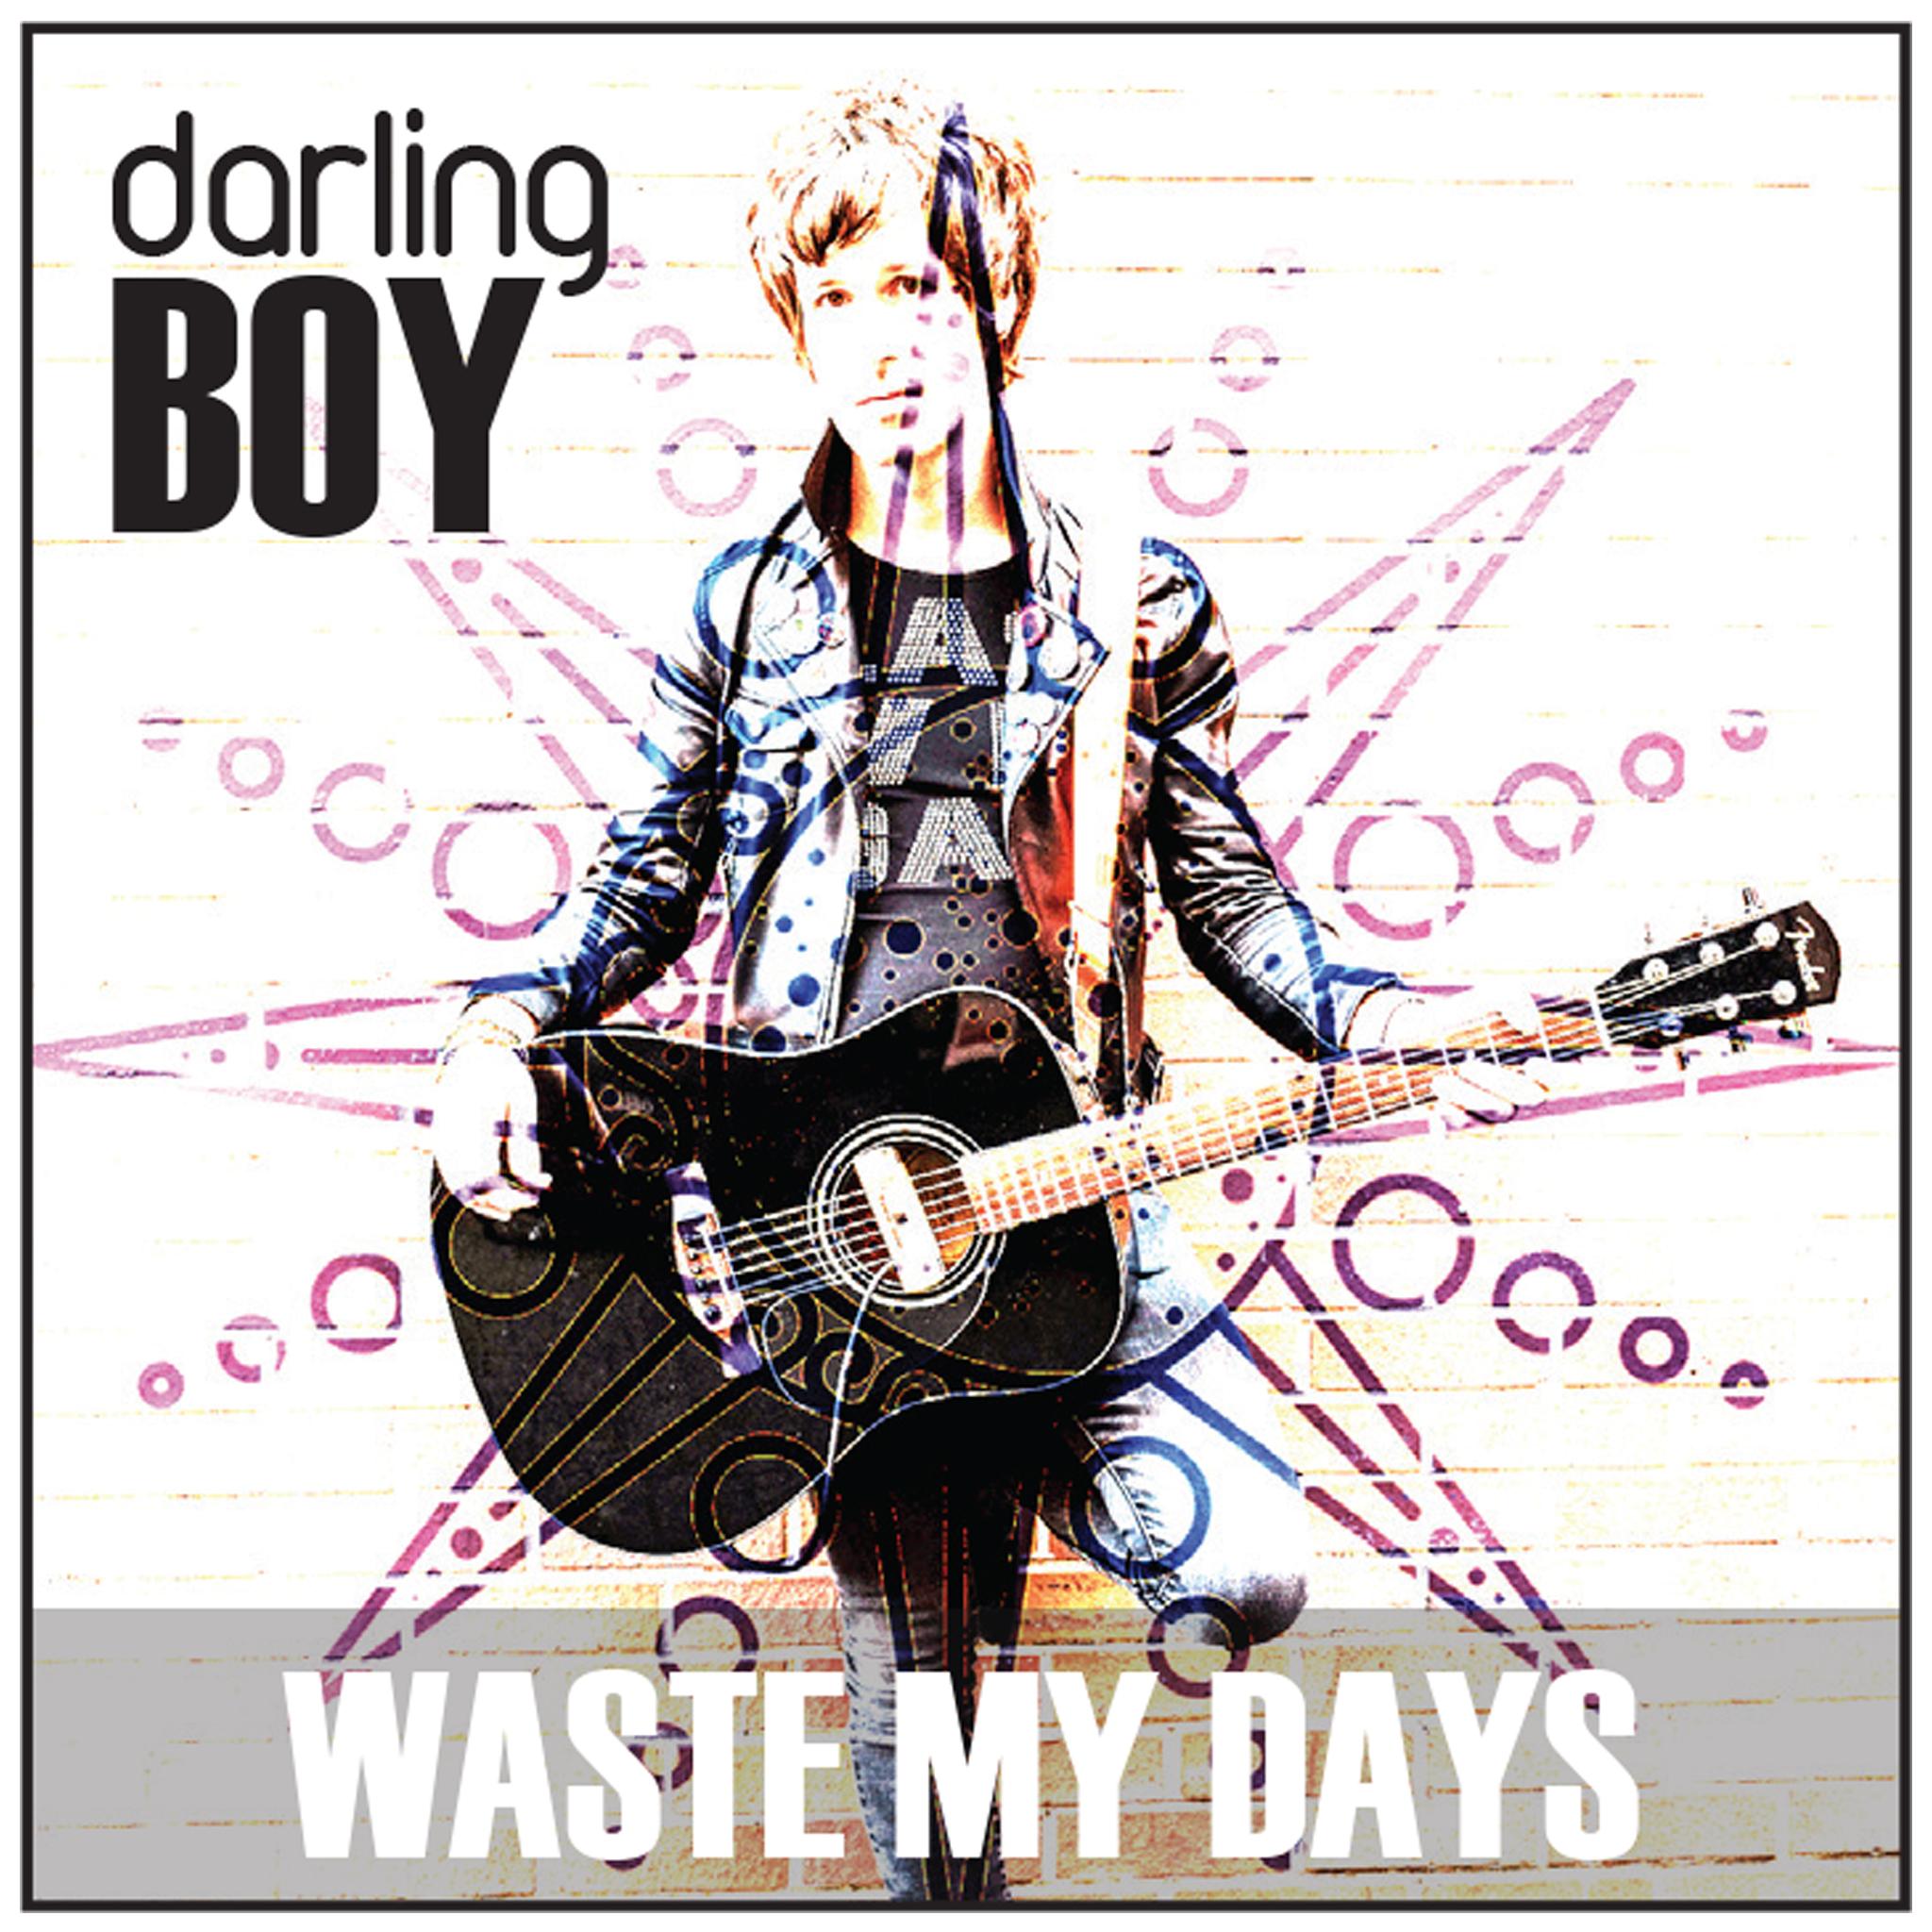 Darling Boy_Waste My Days4.jpg